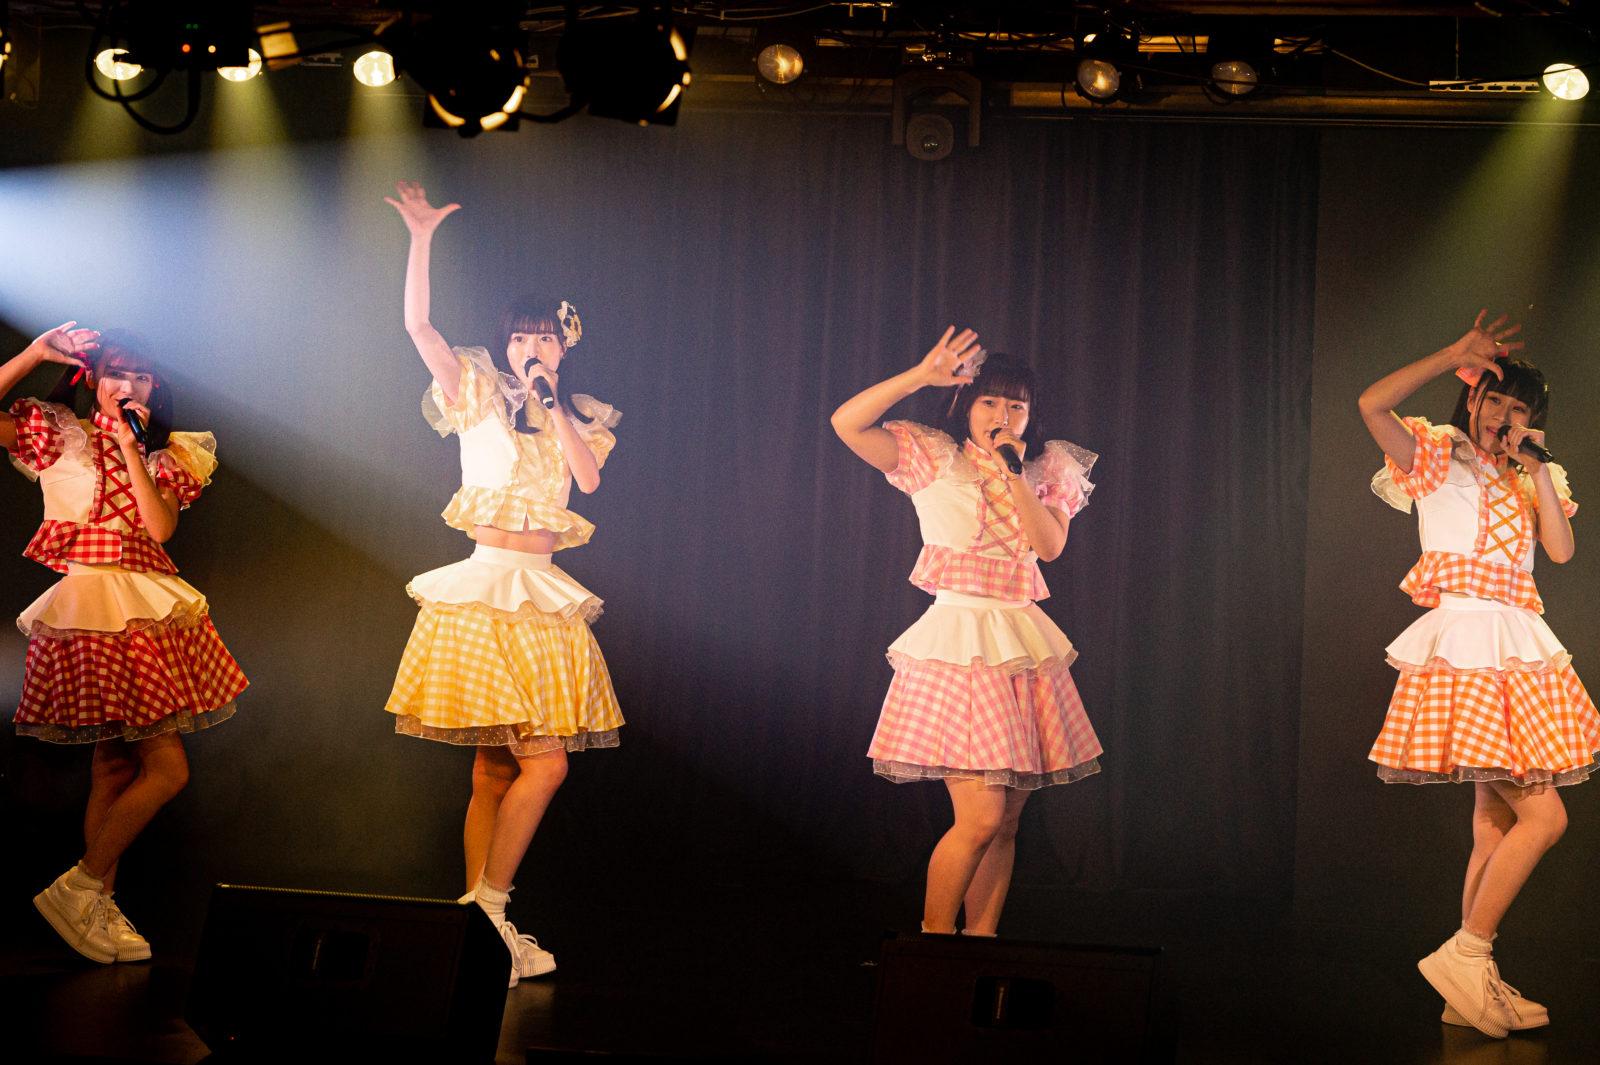 ガールズアイドルグループ・STELLABEATSが結成6周年記念&中山みなみのお披露目配信ライブを開催サムネイル画像